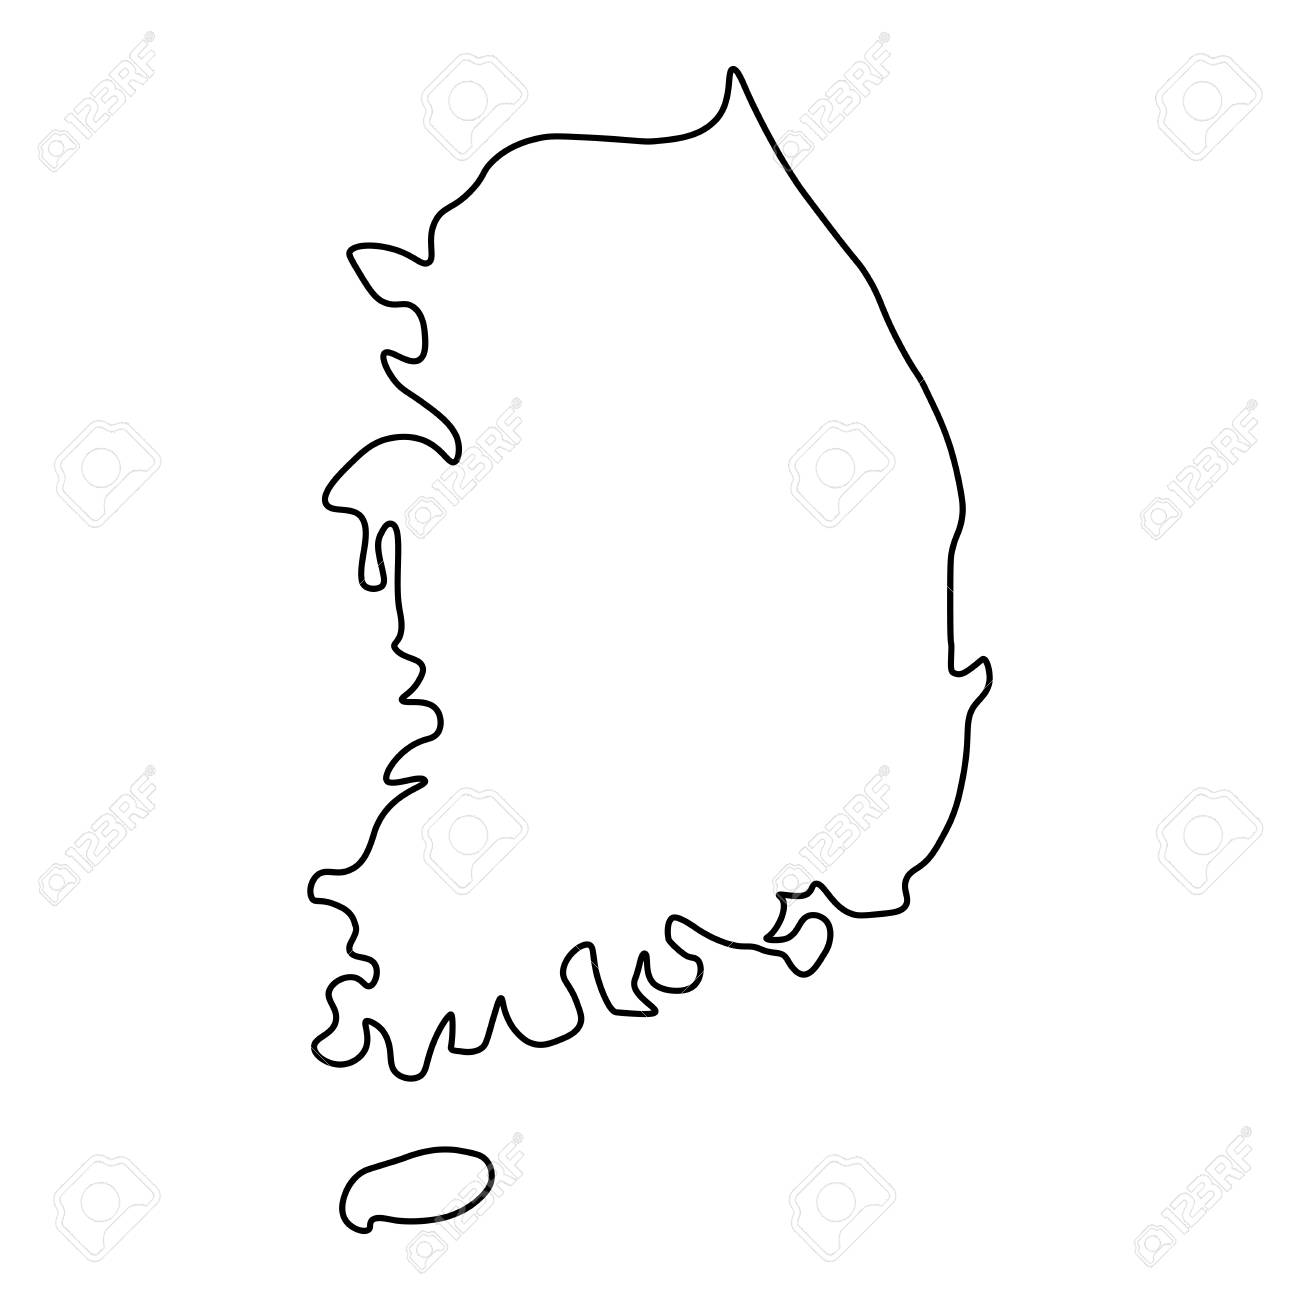 South Korea Map Outline Map Of South Korea   Outline. Silhouette Of South Korea Map